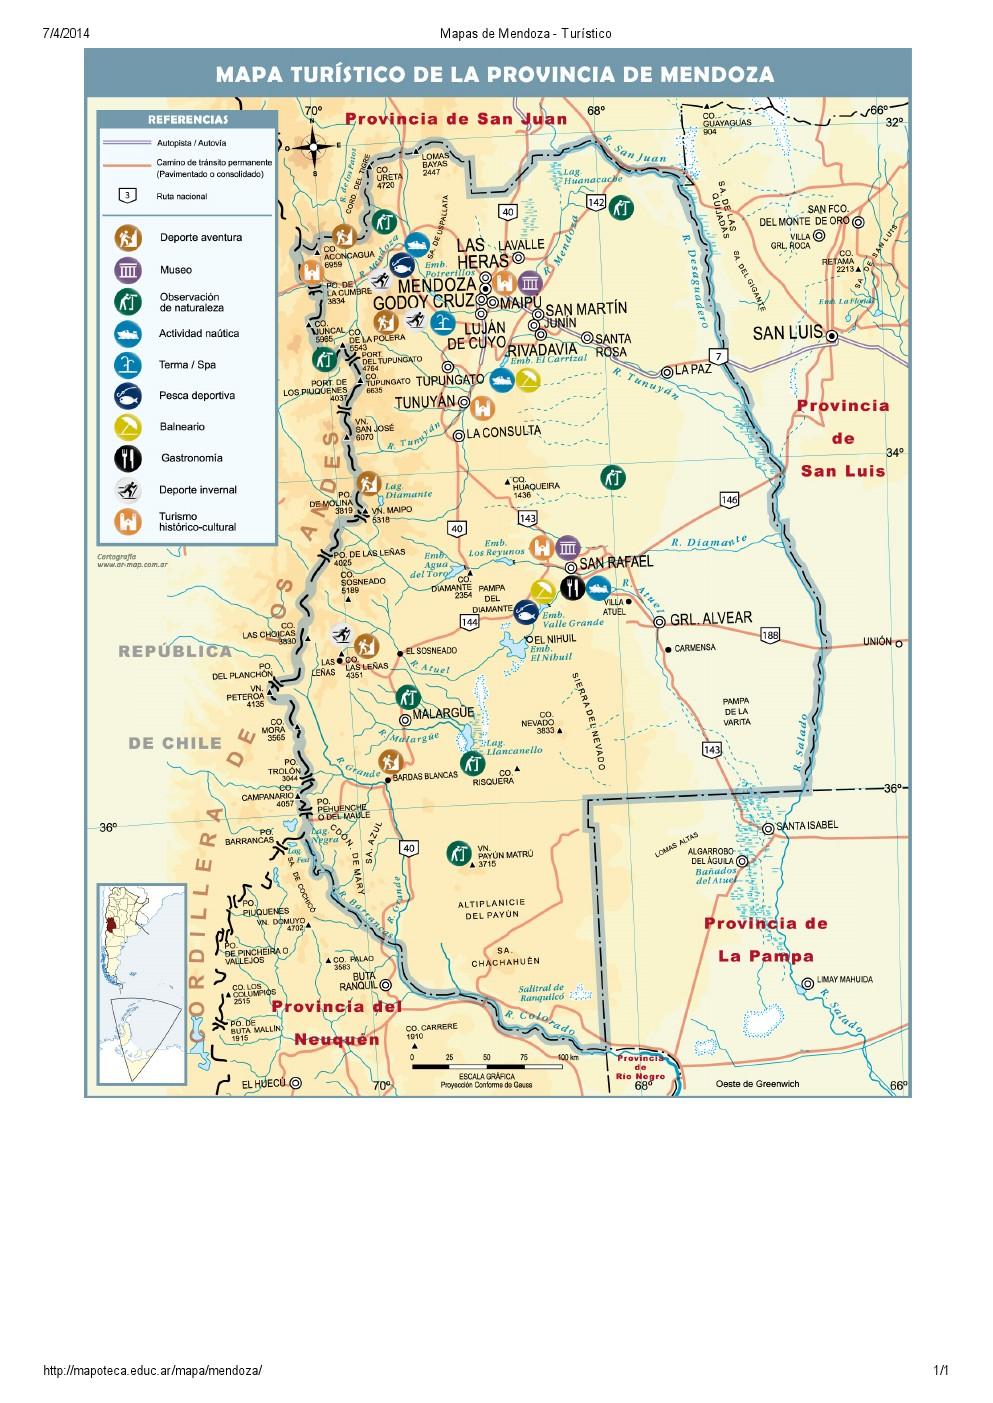 Mapa turístico de Mendoza. Mapoteca de Educ.ar